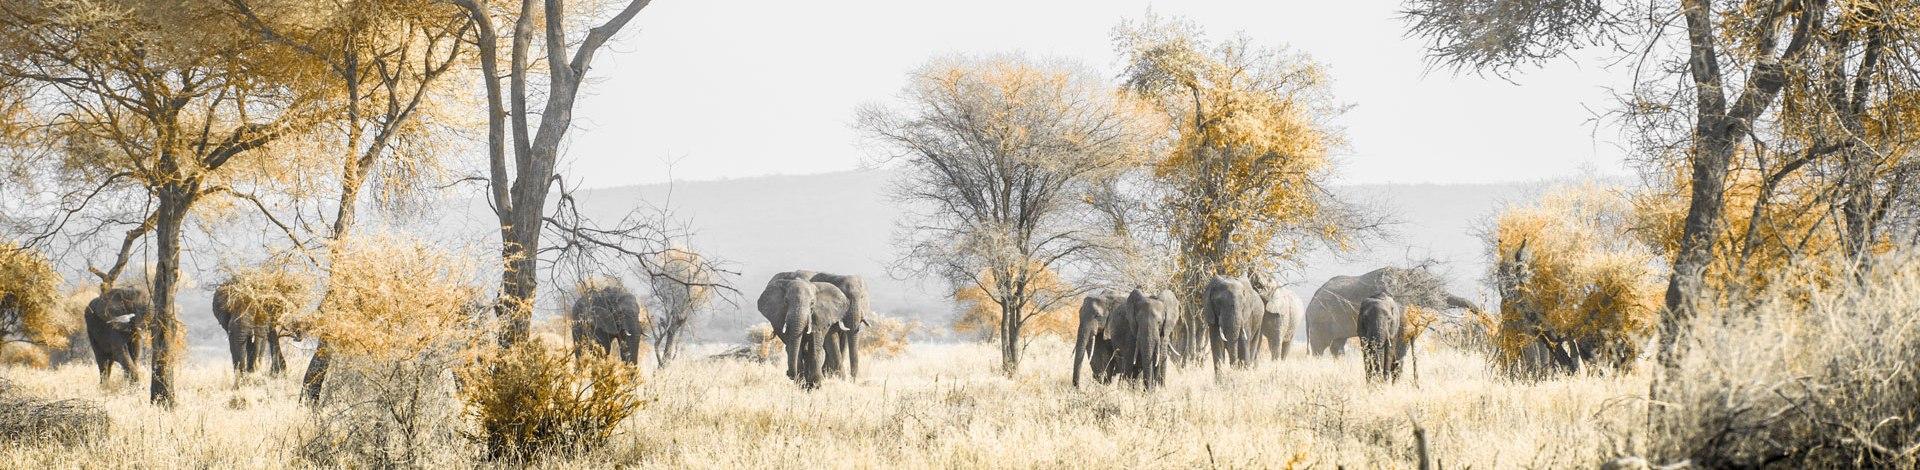 Tansania: Panoramaaufnahme von einer Elefantenherde in der afrikanischen Steppe